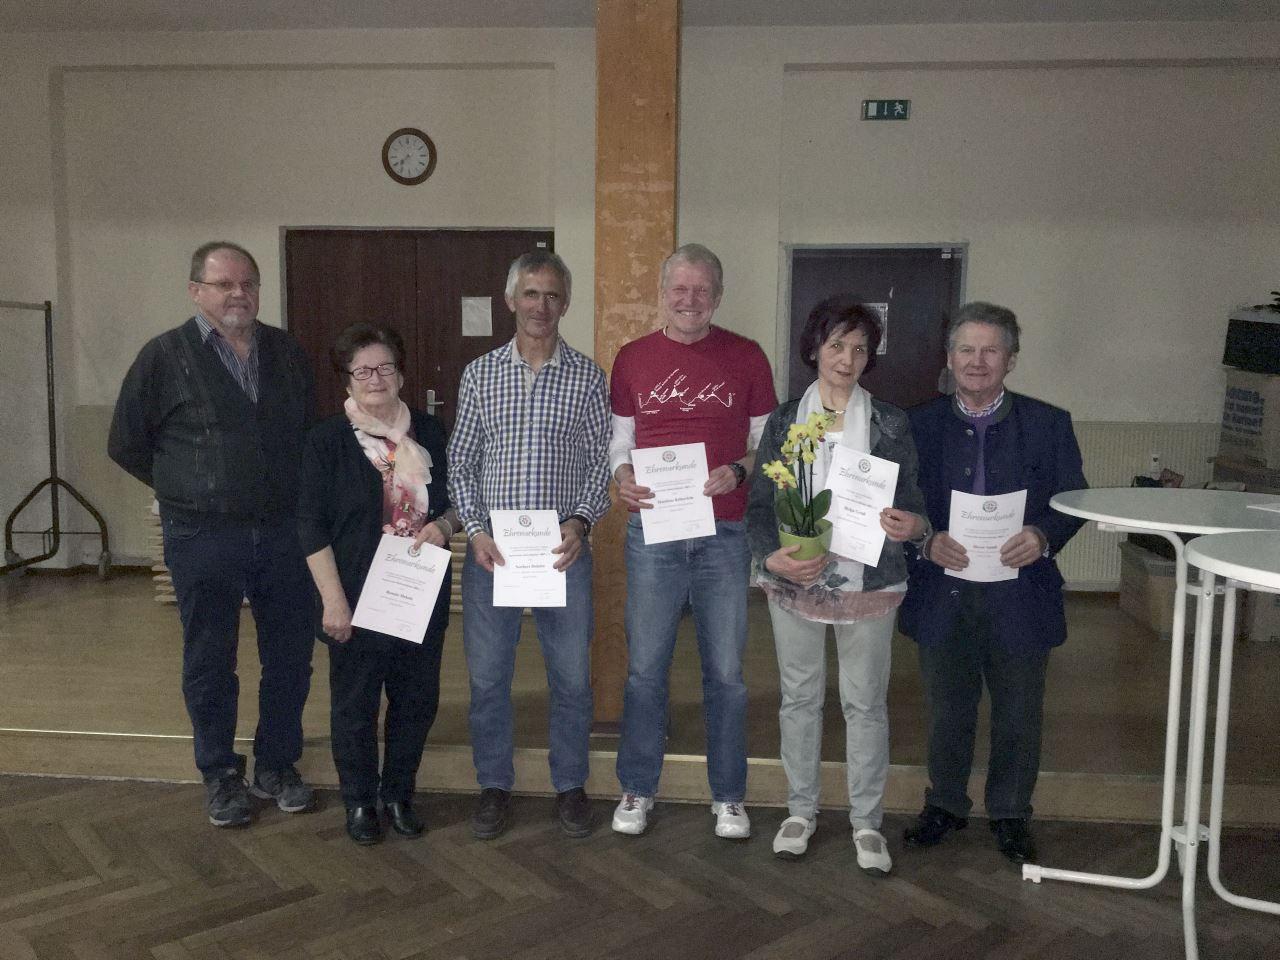 Mitgliederversammlung 2017: Ehrung langjähriger Mitglieder des TV Schweinheim